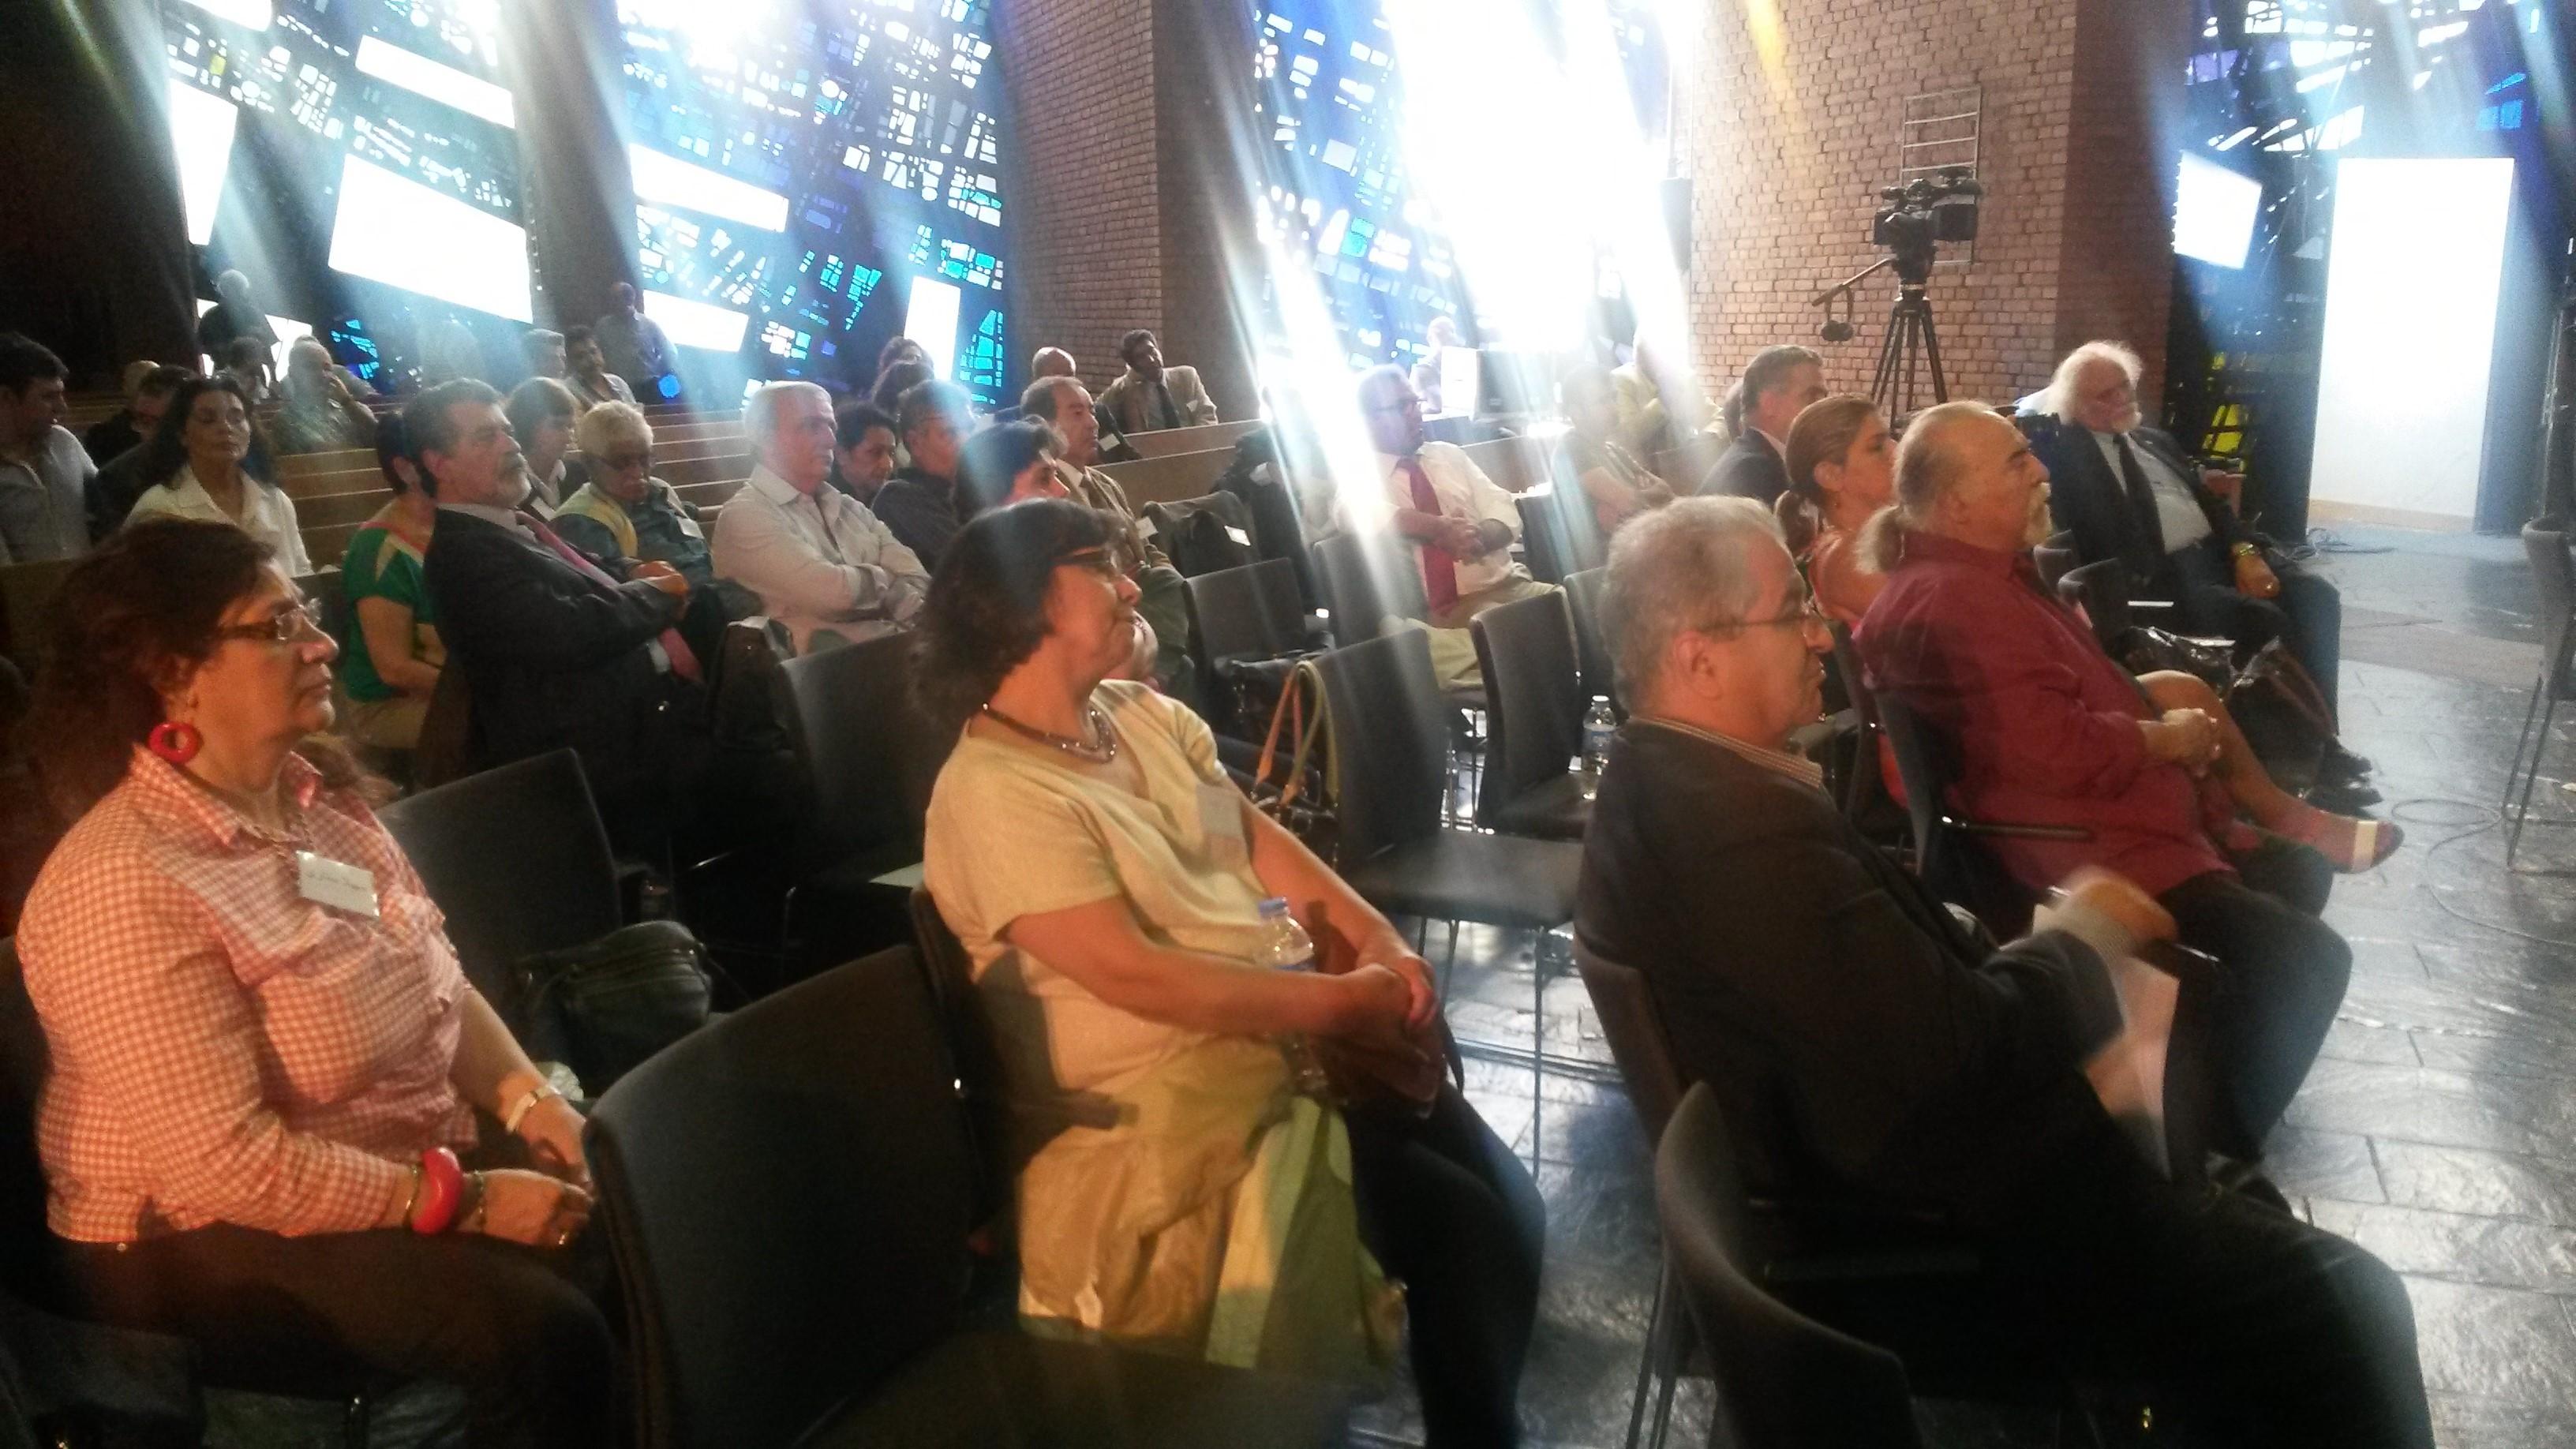 گزارش برگزاری دومین کنگره سکولار دمکراتهای ایران، نوشته دکتر بهرام آبار (حزب سکولار دمکرات ایران):